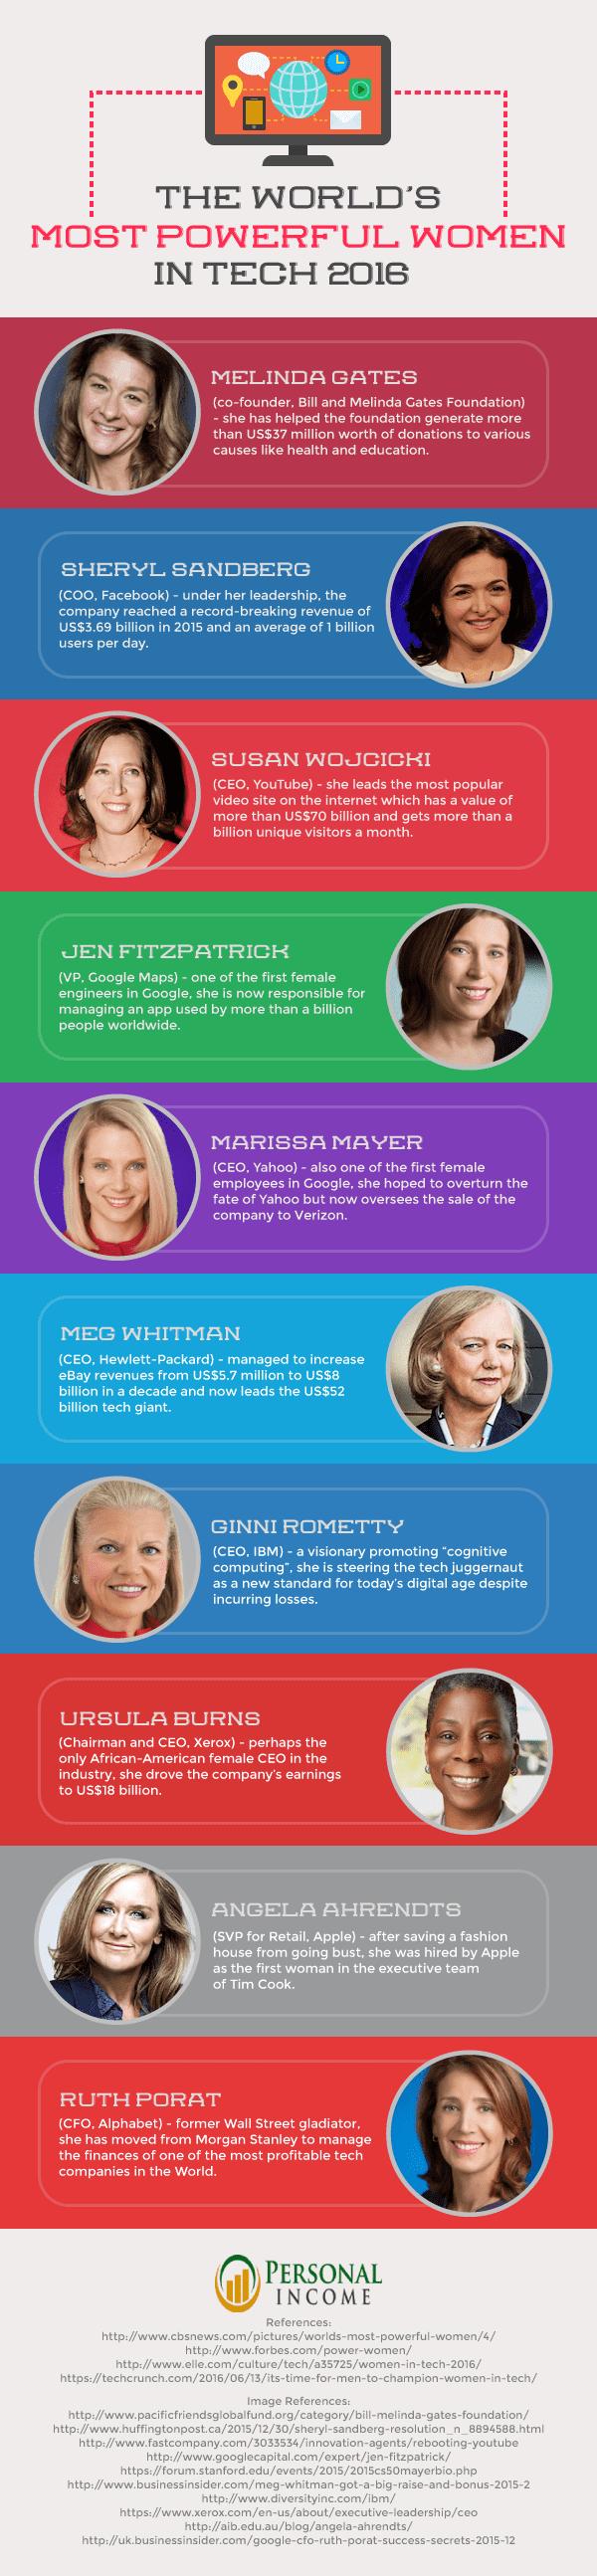 Most Powerful Women In Tech